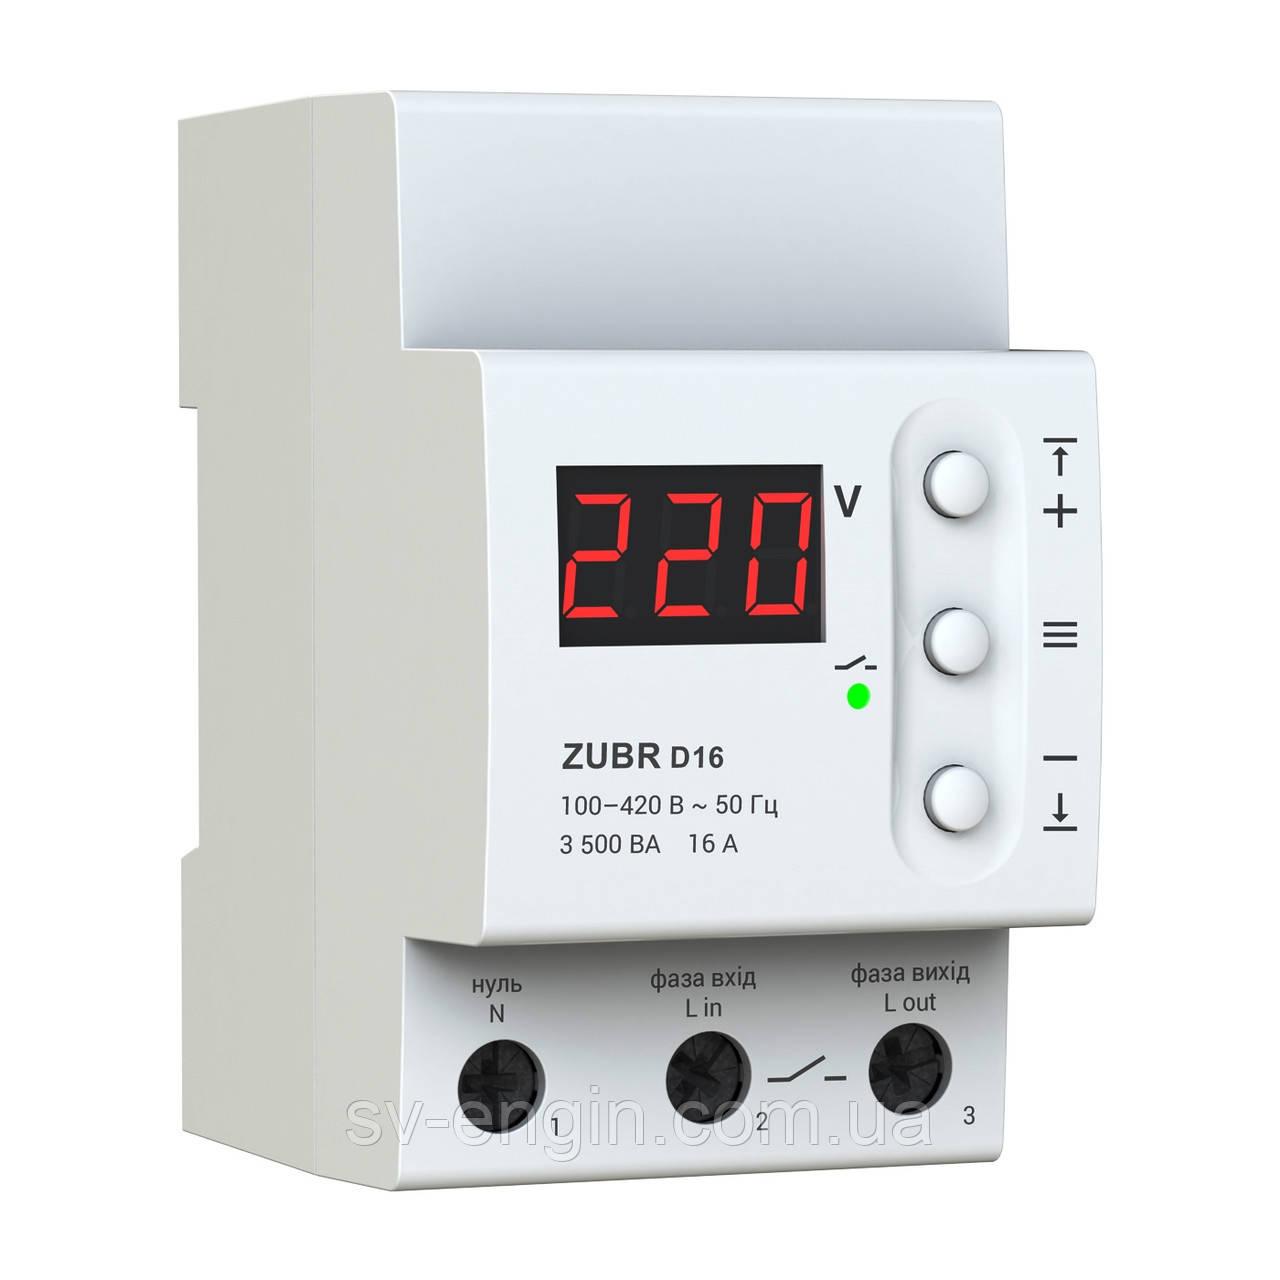 D16, D25, D25t, D32, D32t, D40, D40t, D50, D50t, D63, D63t (DS Electronics, Украина) - реле напряжения